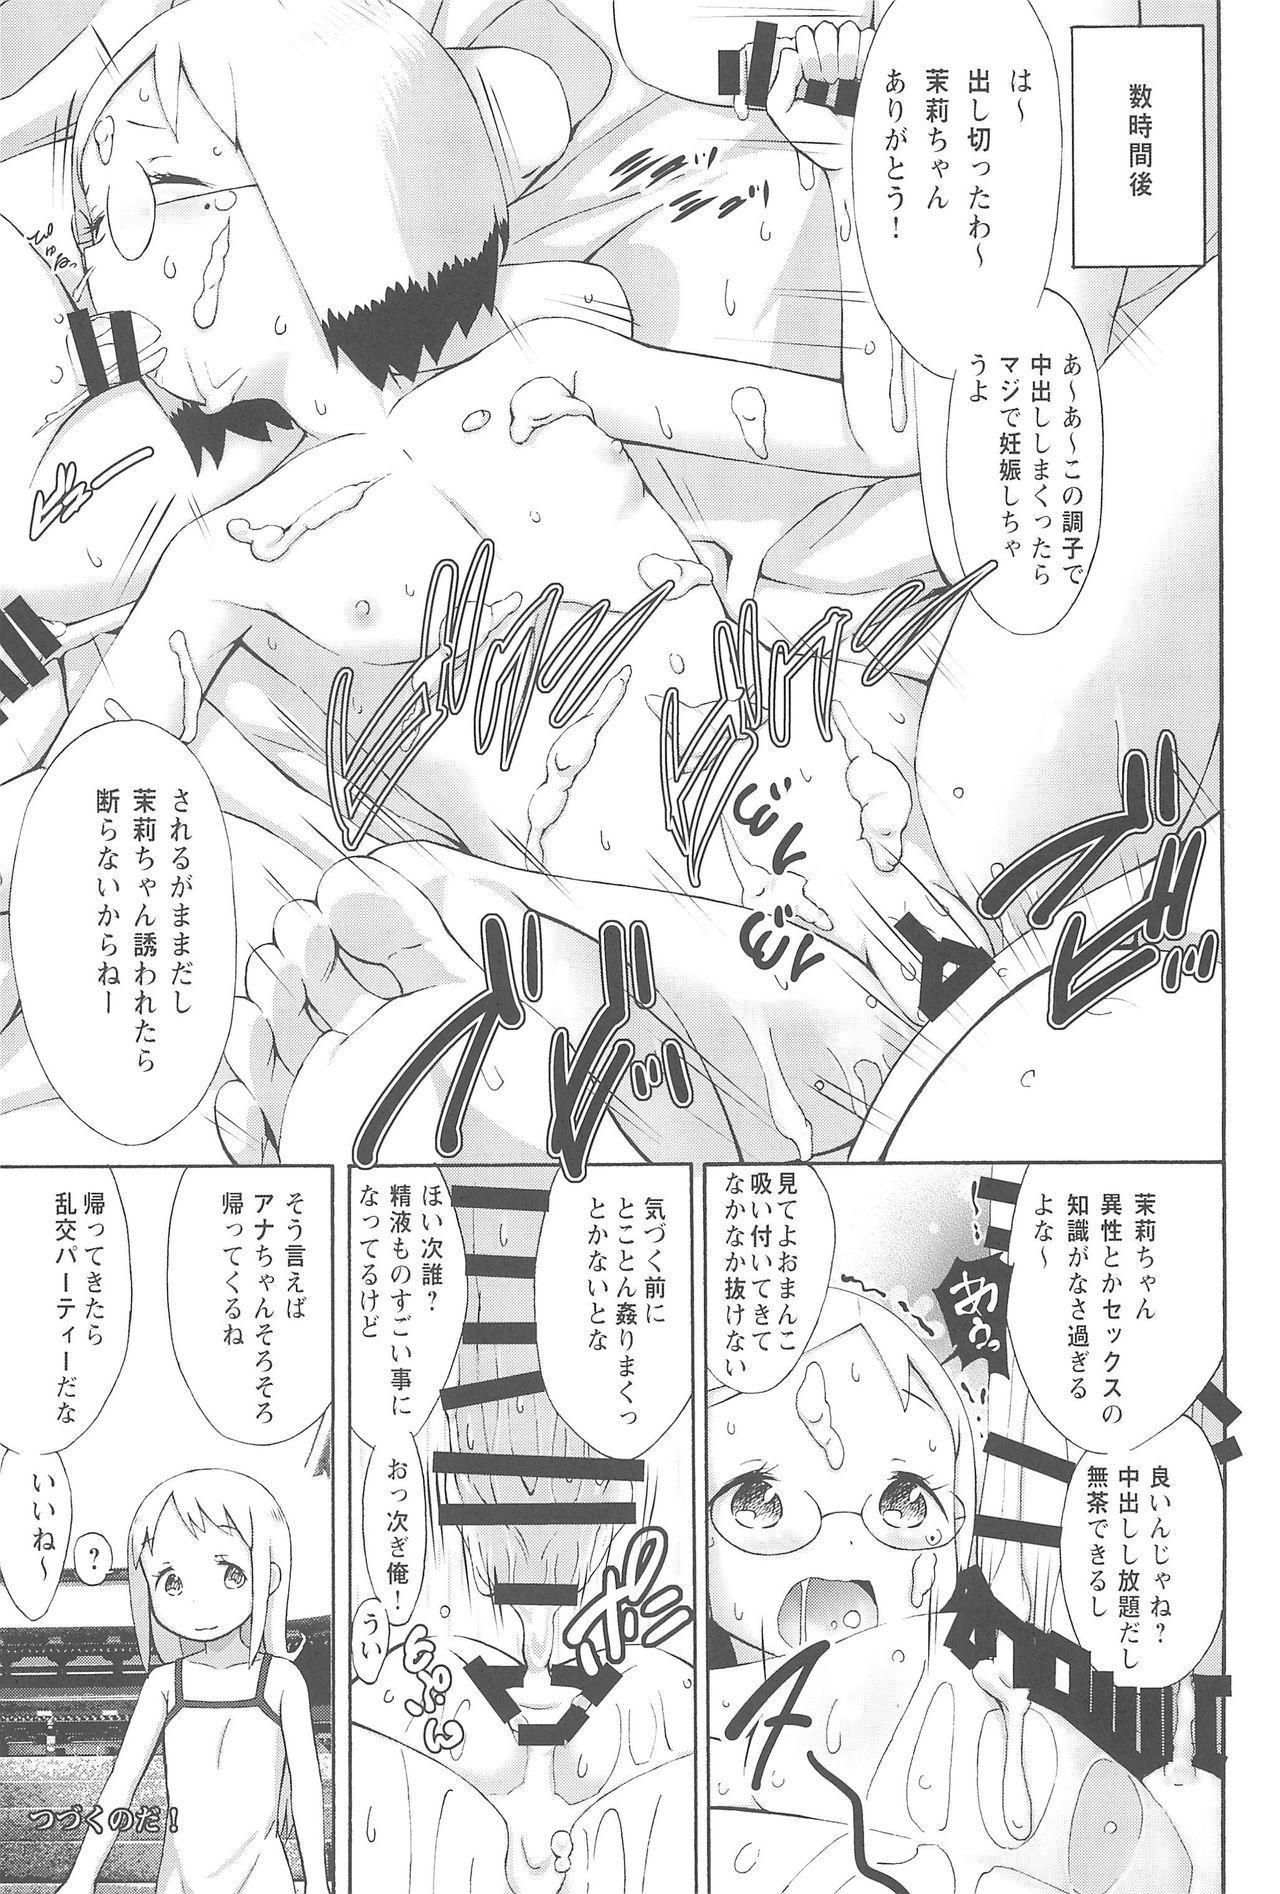 mashimaro ism Matsuri-chan to Asobou 23